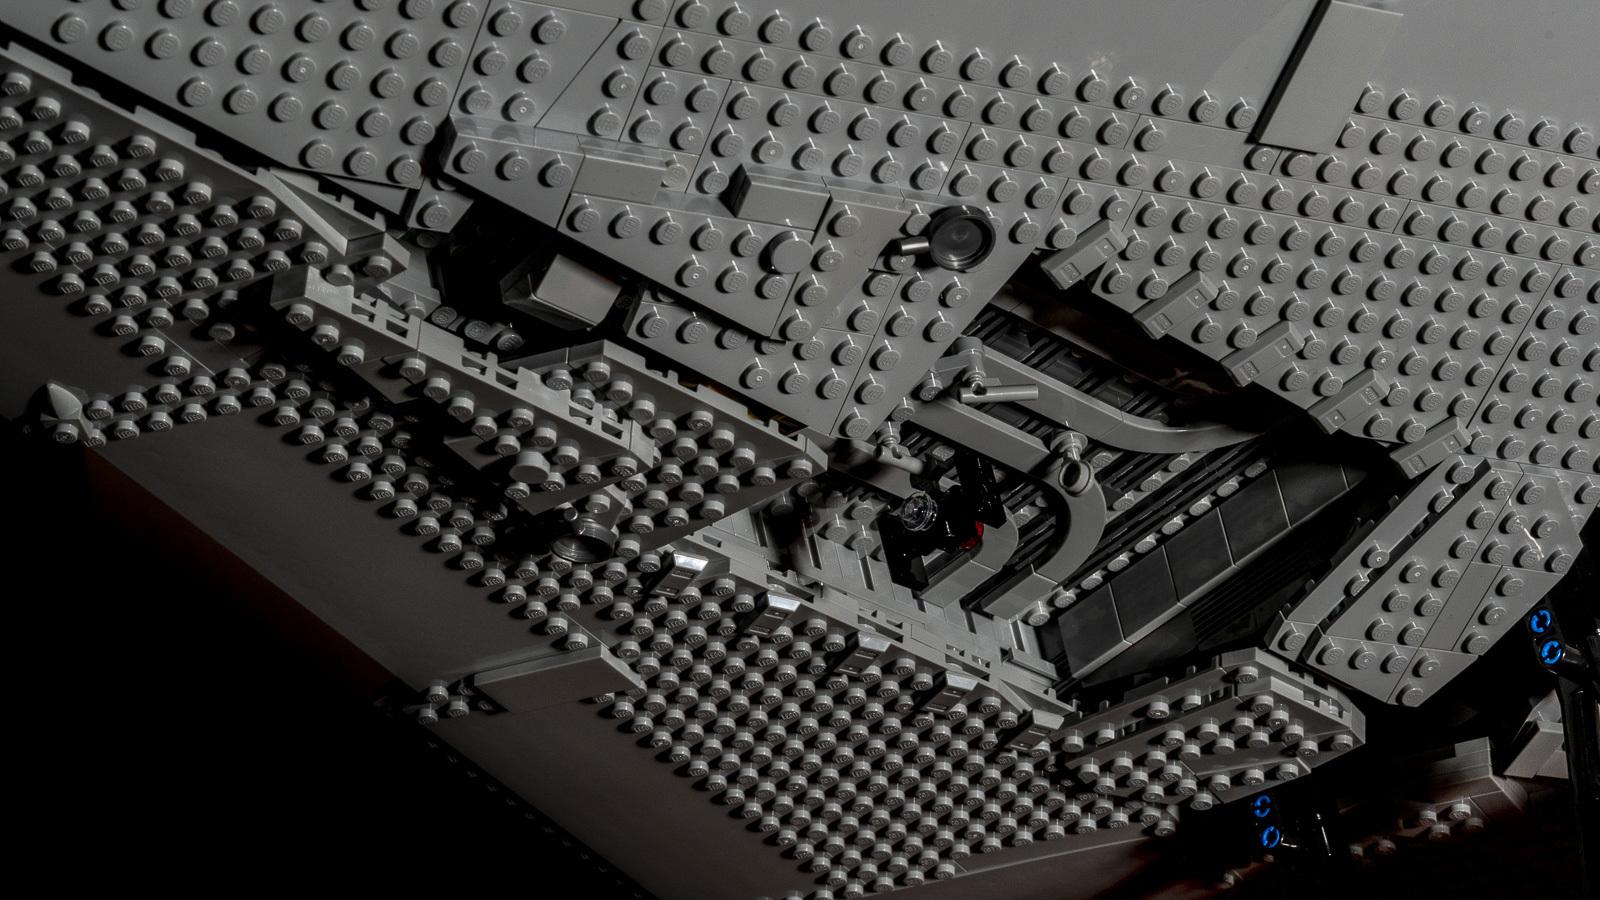 全長1mオーバー、LEGOで組む巨大なスター・デストロイヤーに本物の「優しさ」を感じた話_b0029315_18321306.jpg